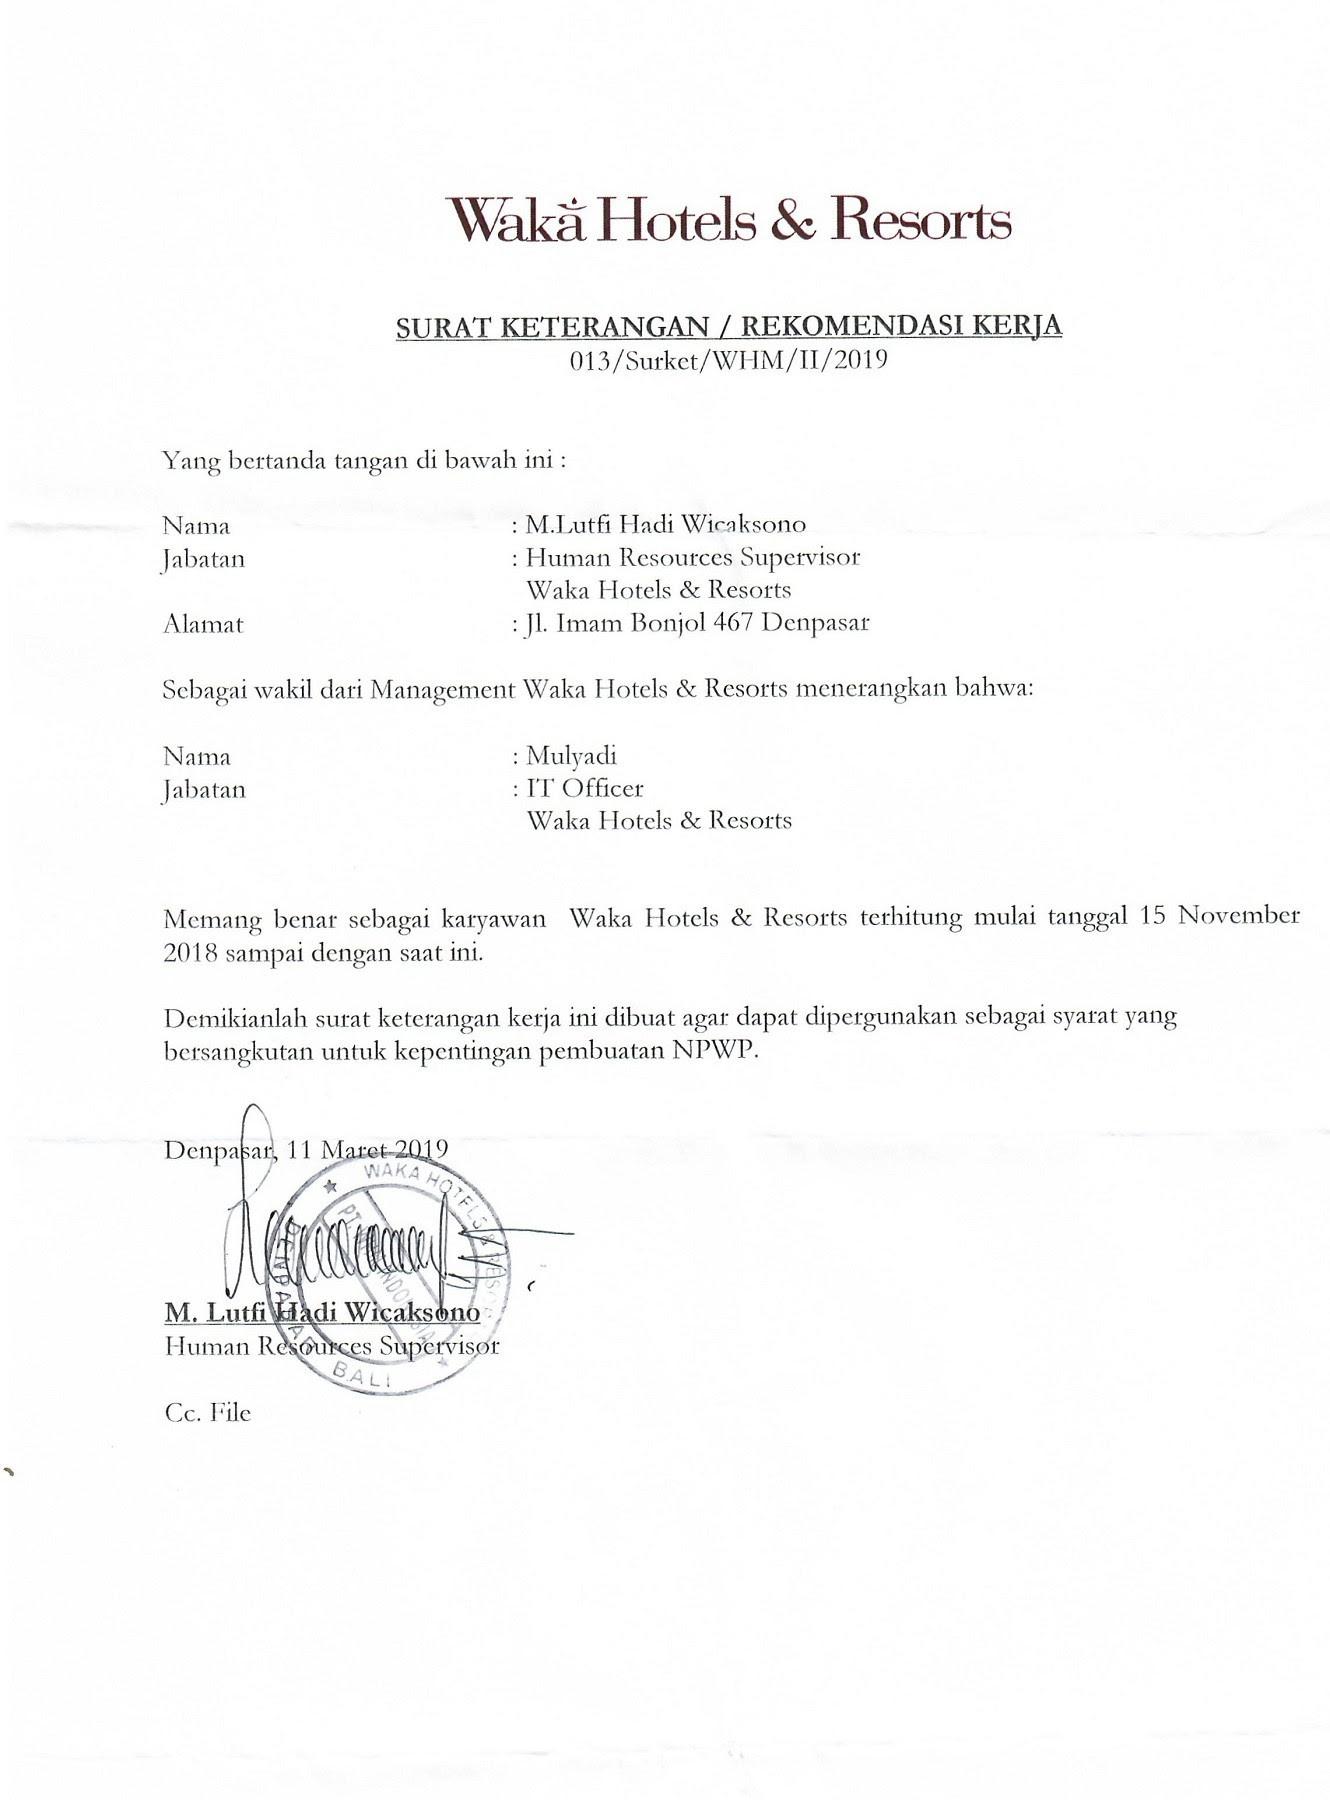 Surat Keterangan Kerja Untuk Pengurusan Npwp - Contoh ...